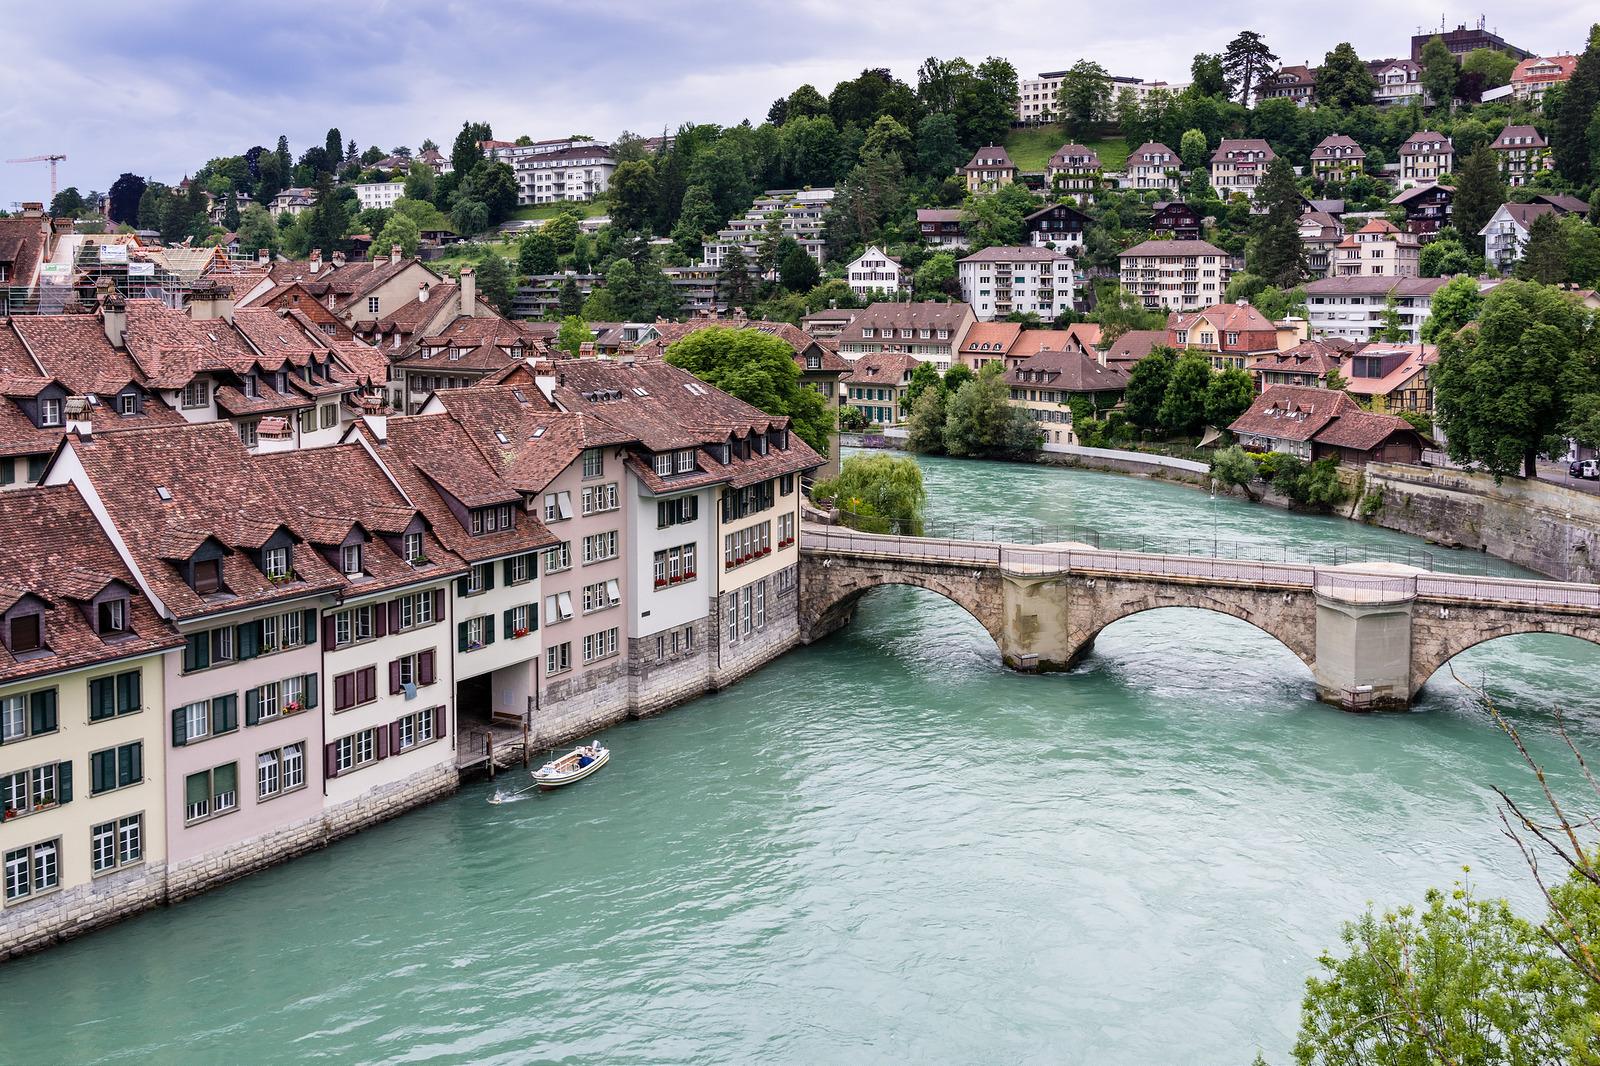 город берн швейцария фото семья была как